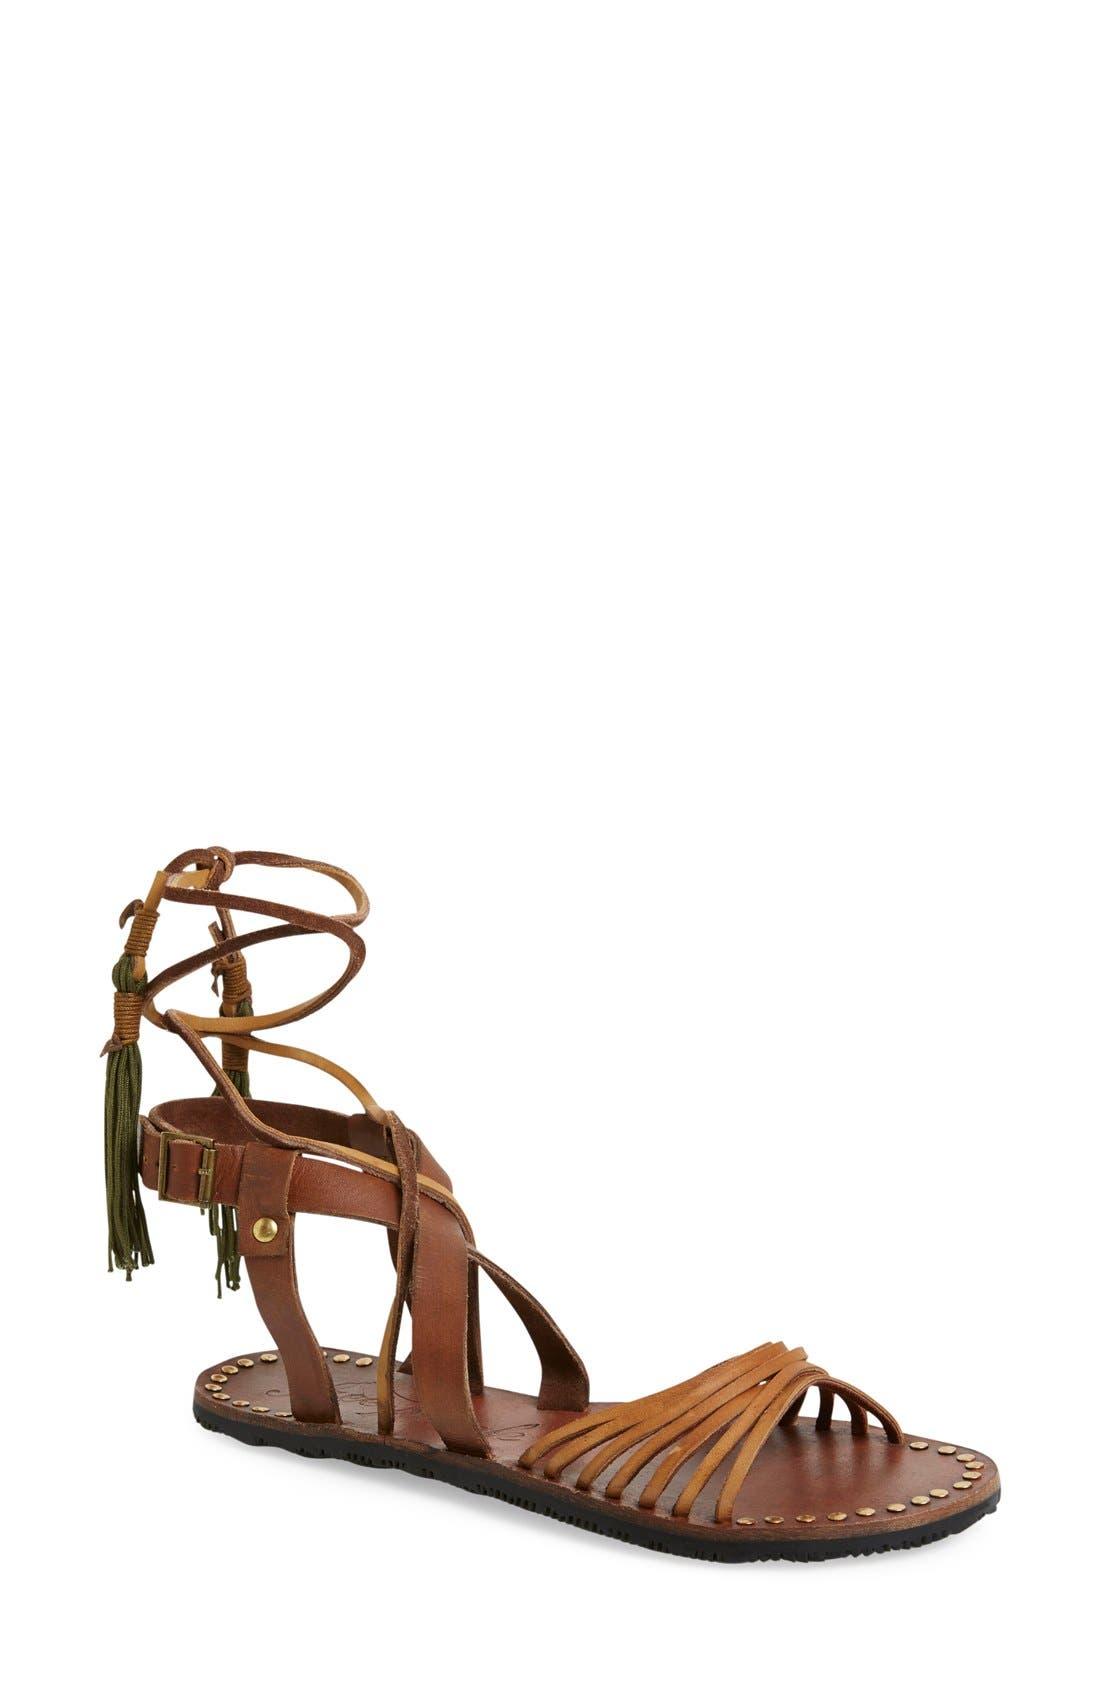 Main Image - Free People 'Willow' Gladiator Sandal (Women)